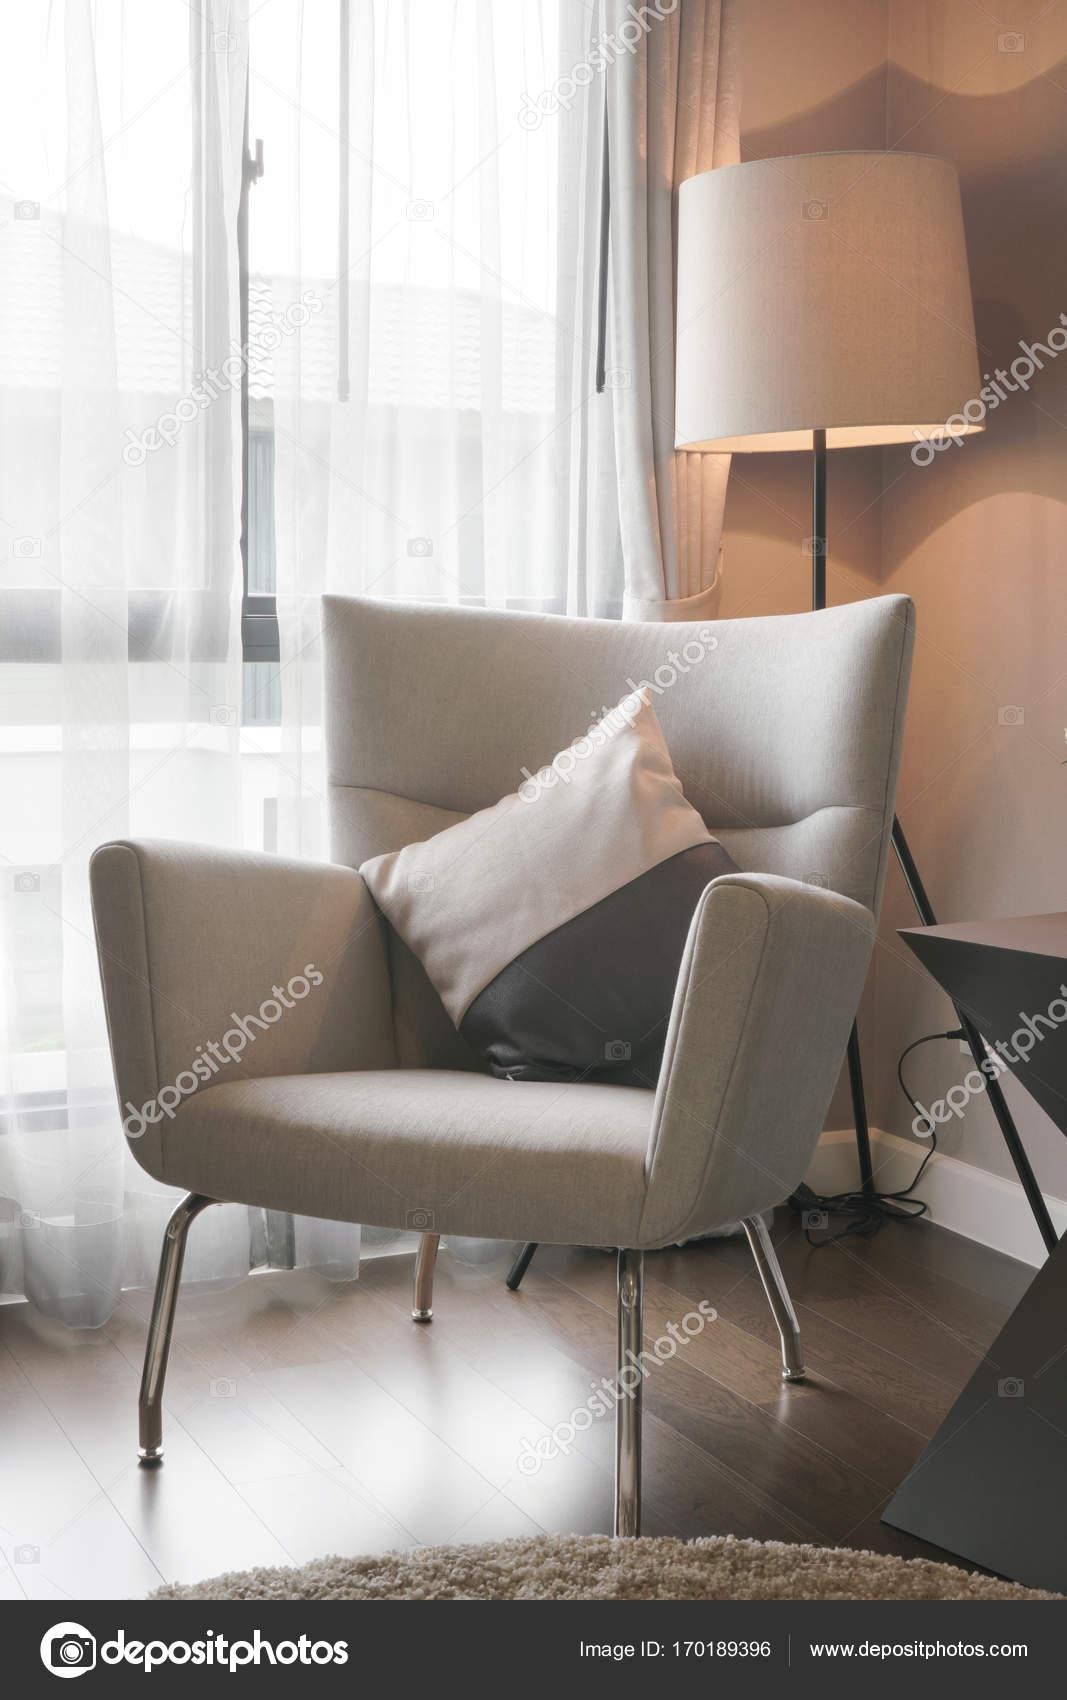 Klassische Moderne Sessel Mit Stehlampe In Der Ecke Des Wohnzimmers